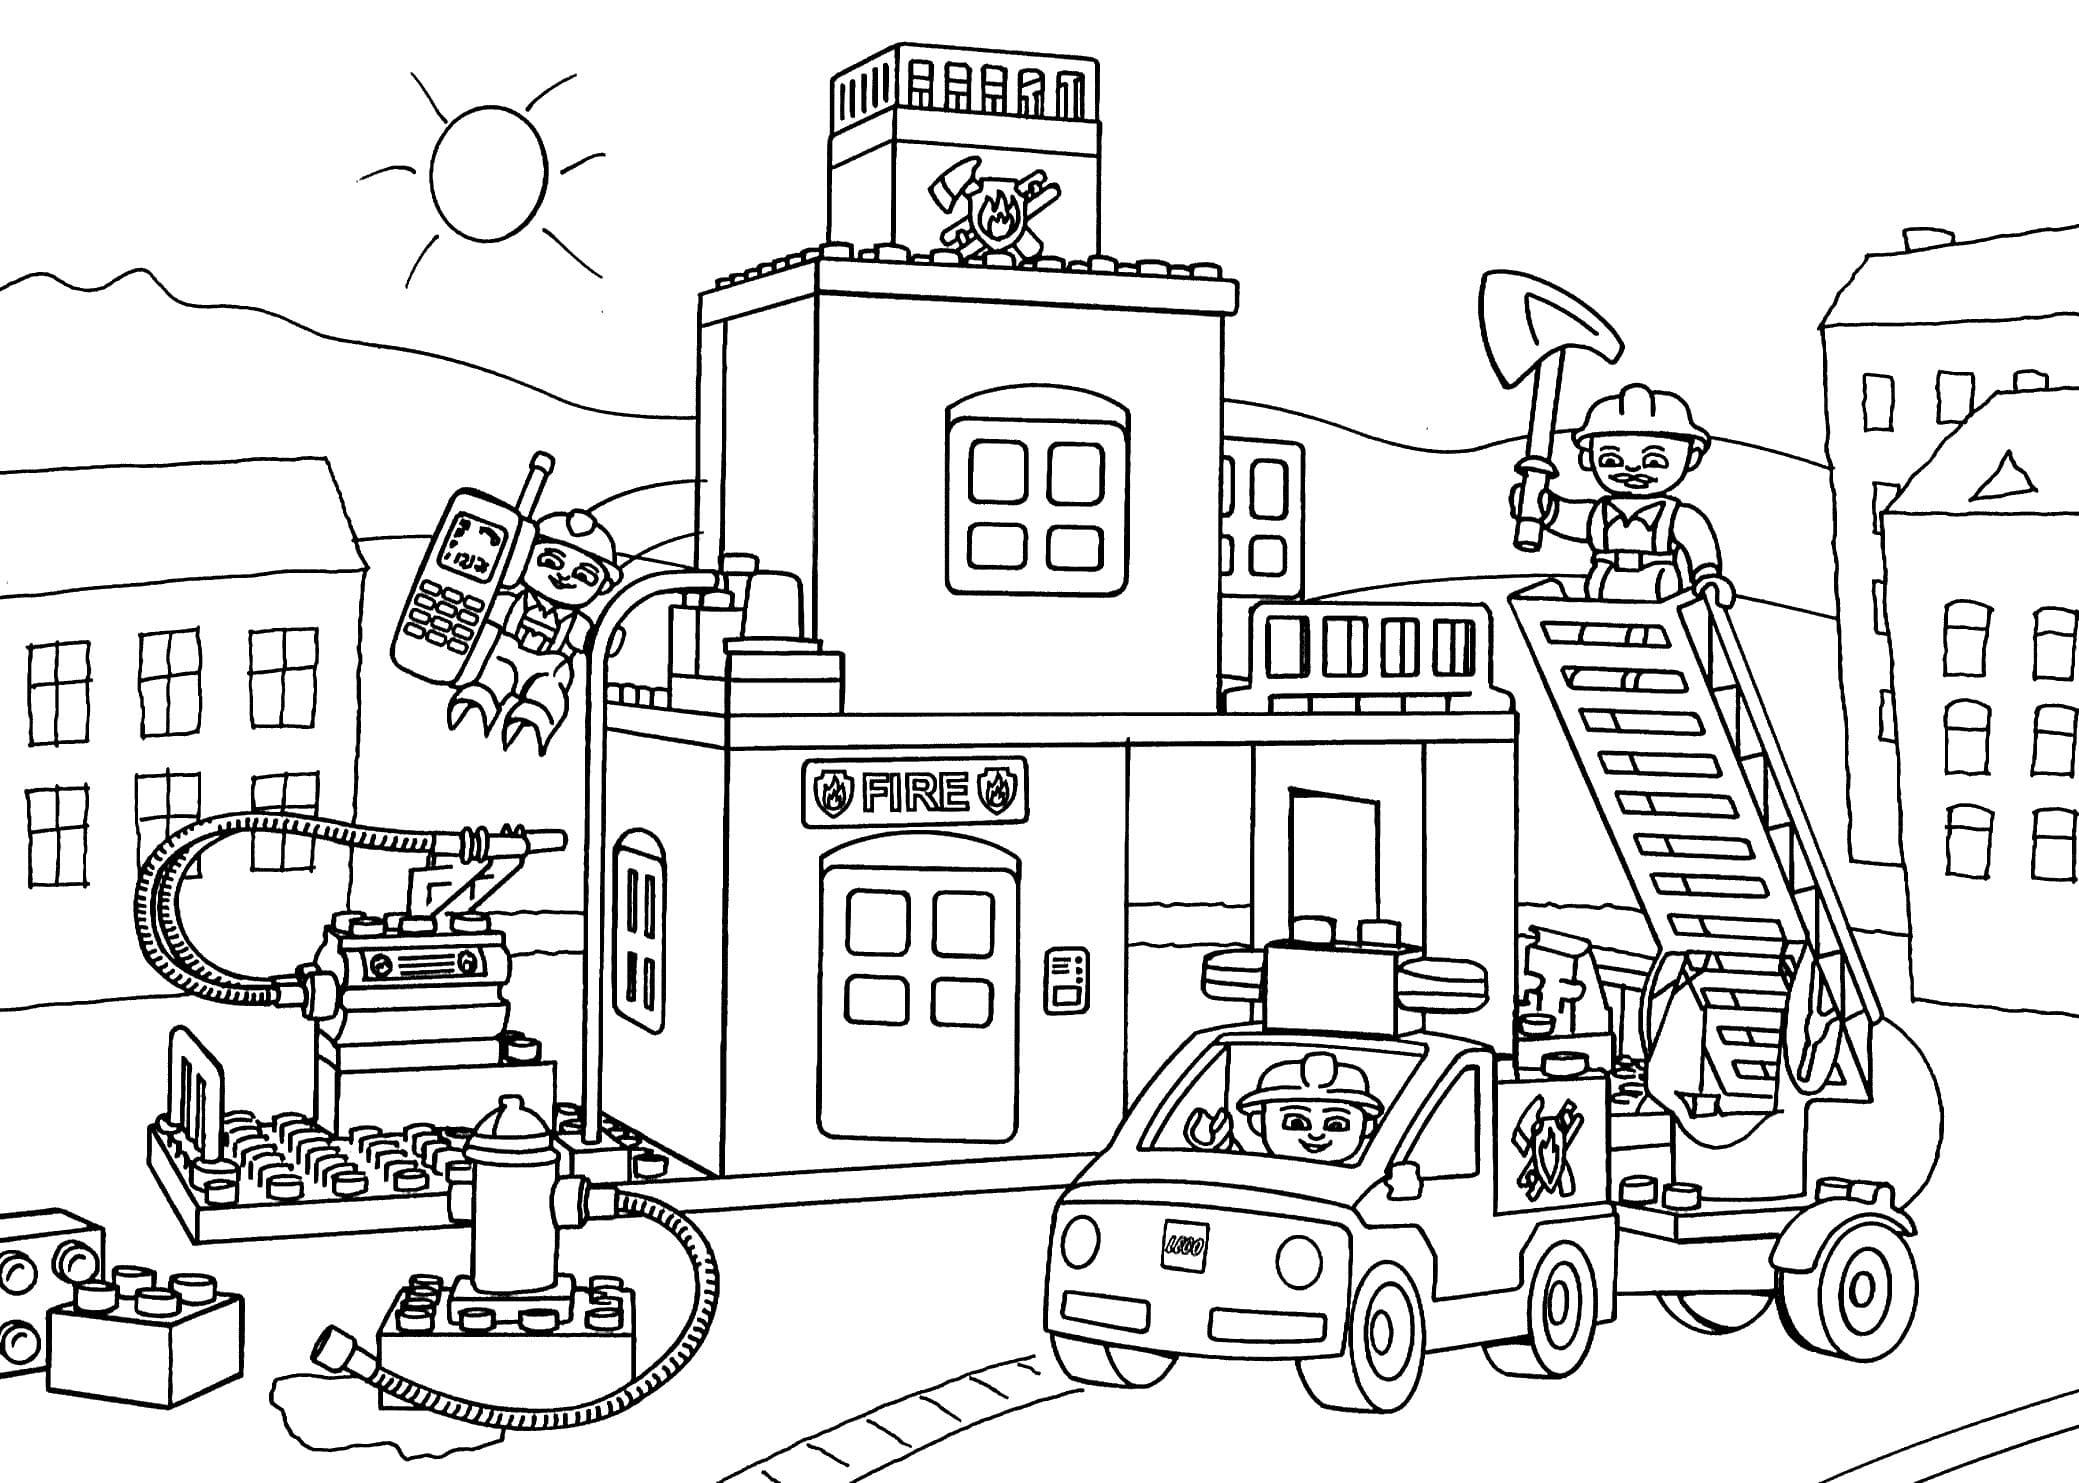 Ausmalbilder Lego City. Kostenlos drucken | WONDER DAY